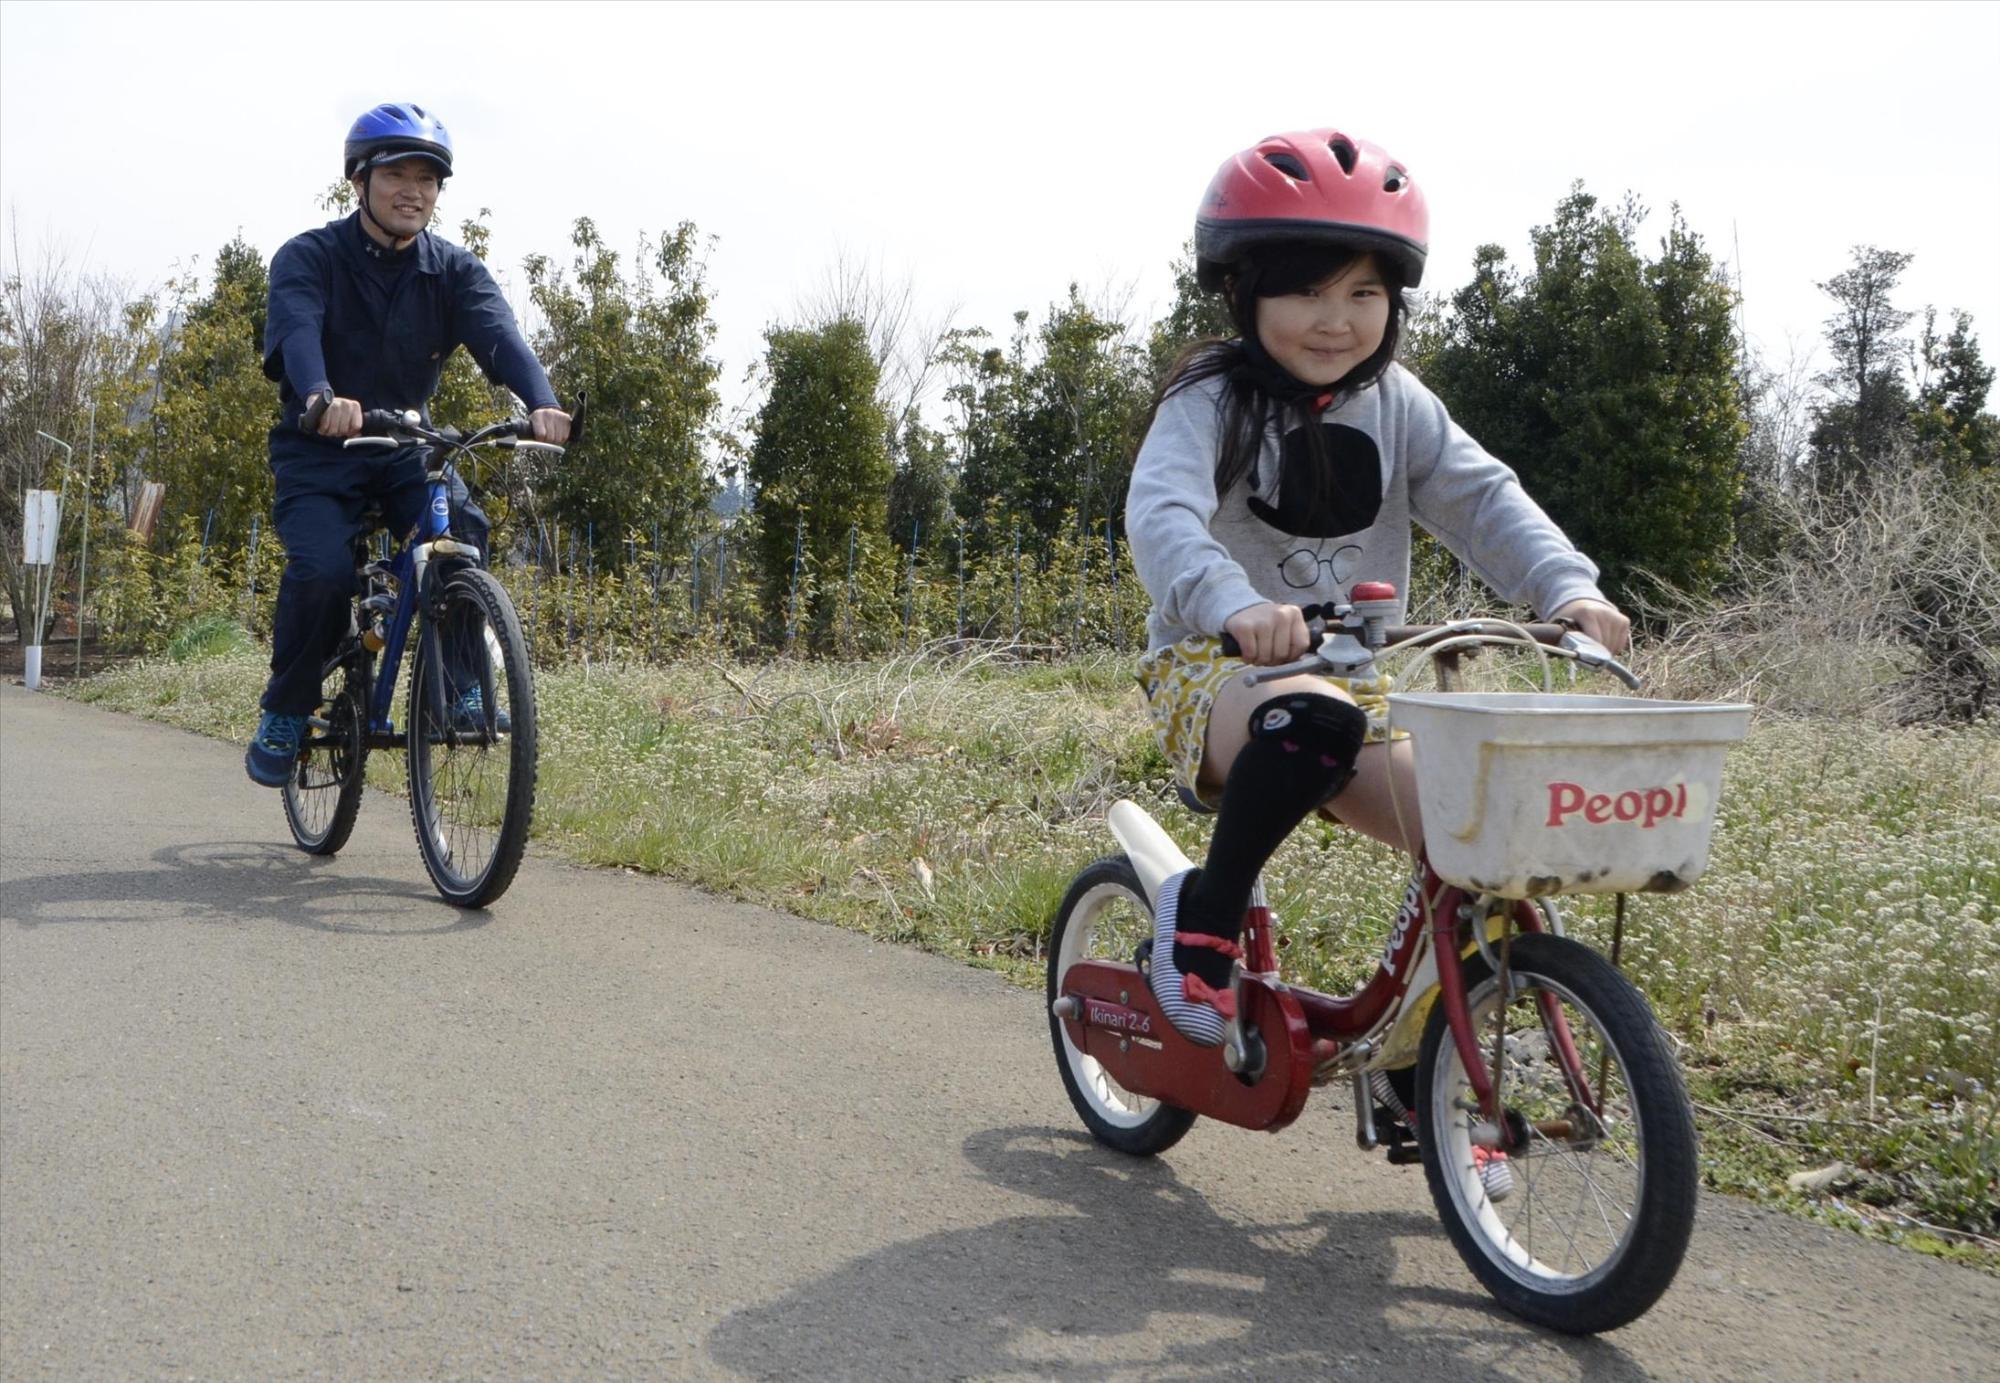 Fotografía de padre y niño que se pusieron un casco y monta una bicicleta